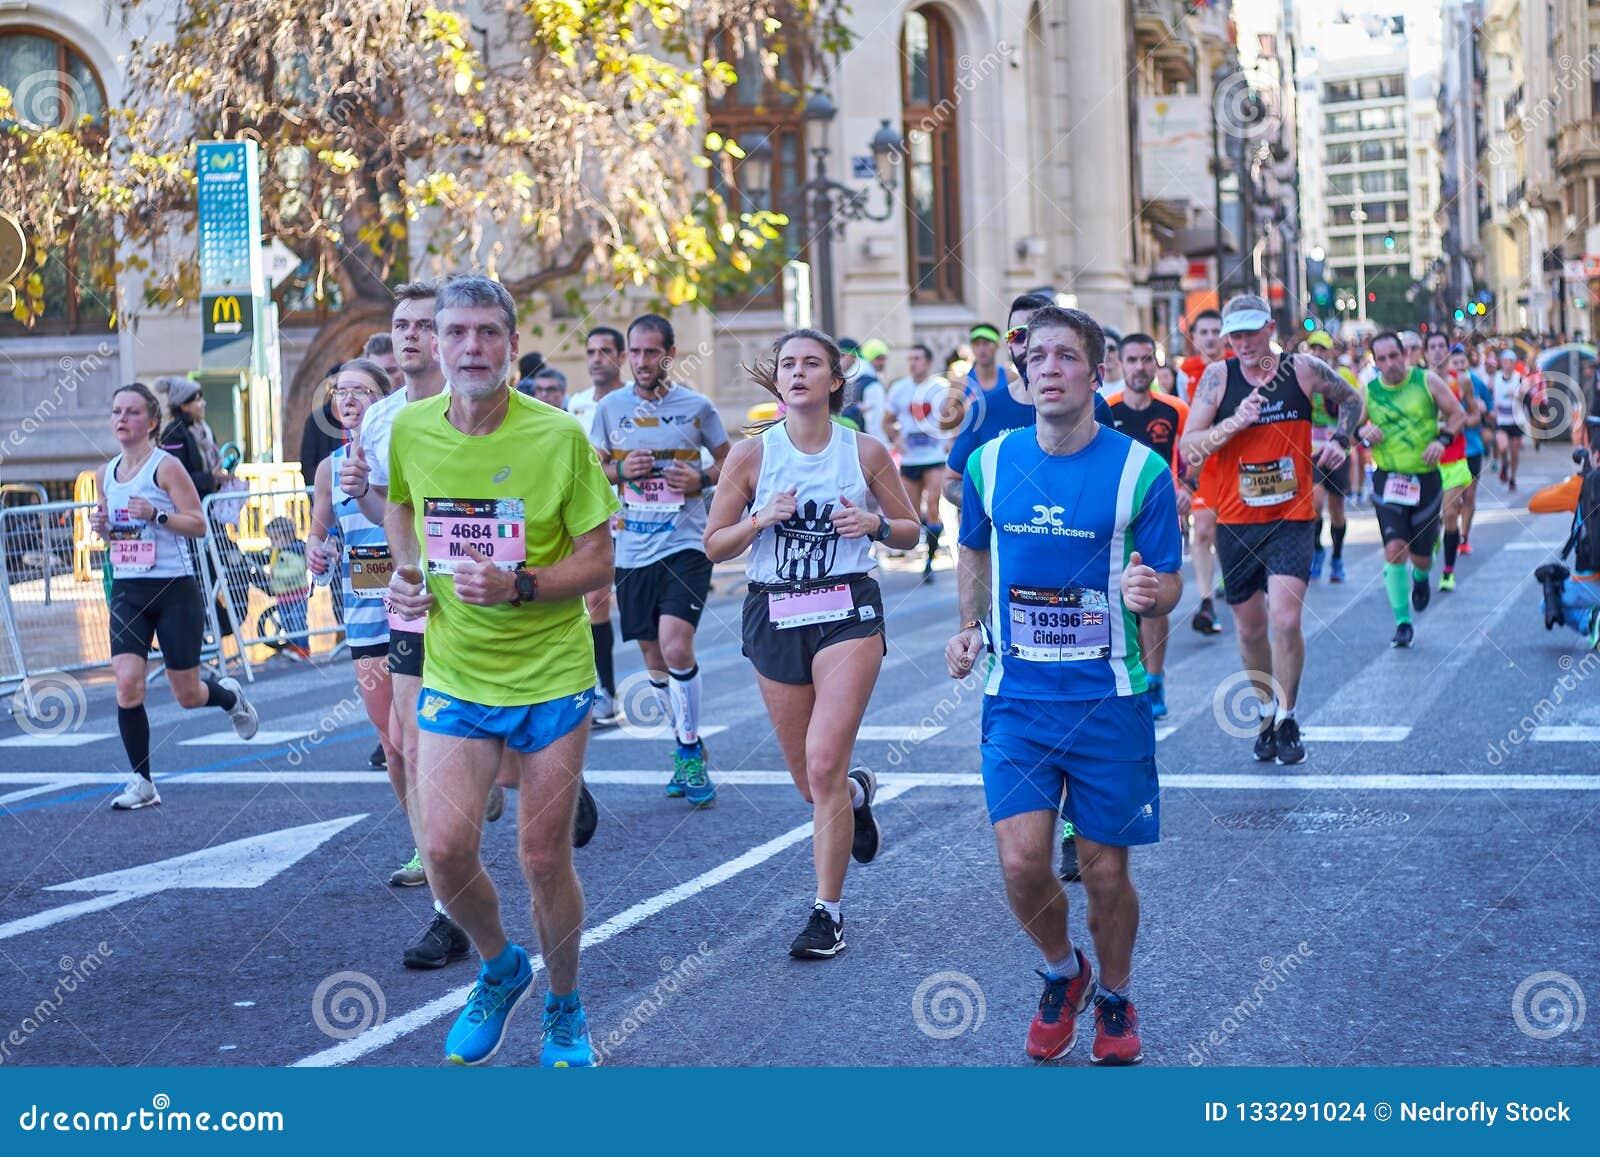 VALÊNCIA, ESPANHA - 2 DE DEZEMBRO: Os corredores competem no XXXVIII Valencia Marathon o 18 de dezembro de 2018 em Valência, Espa